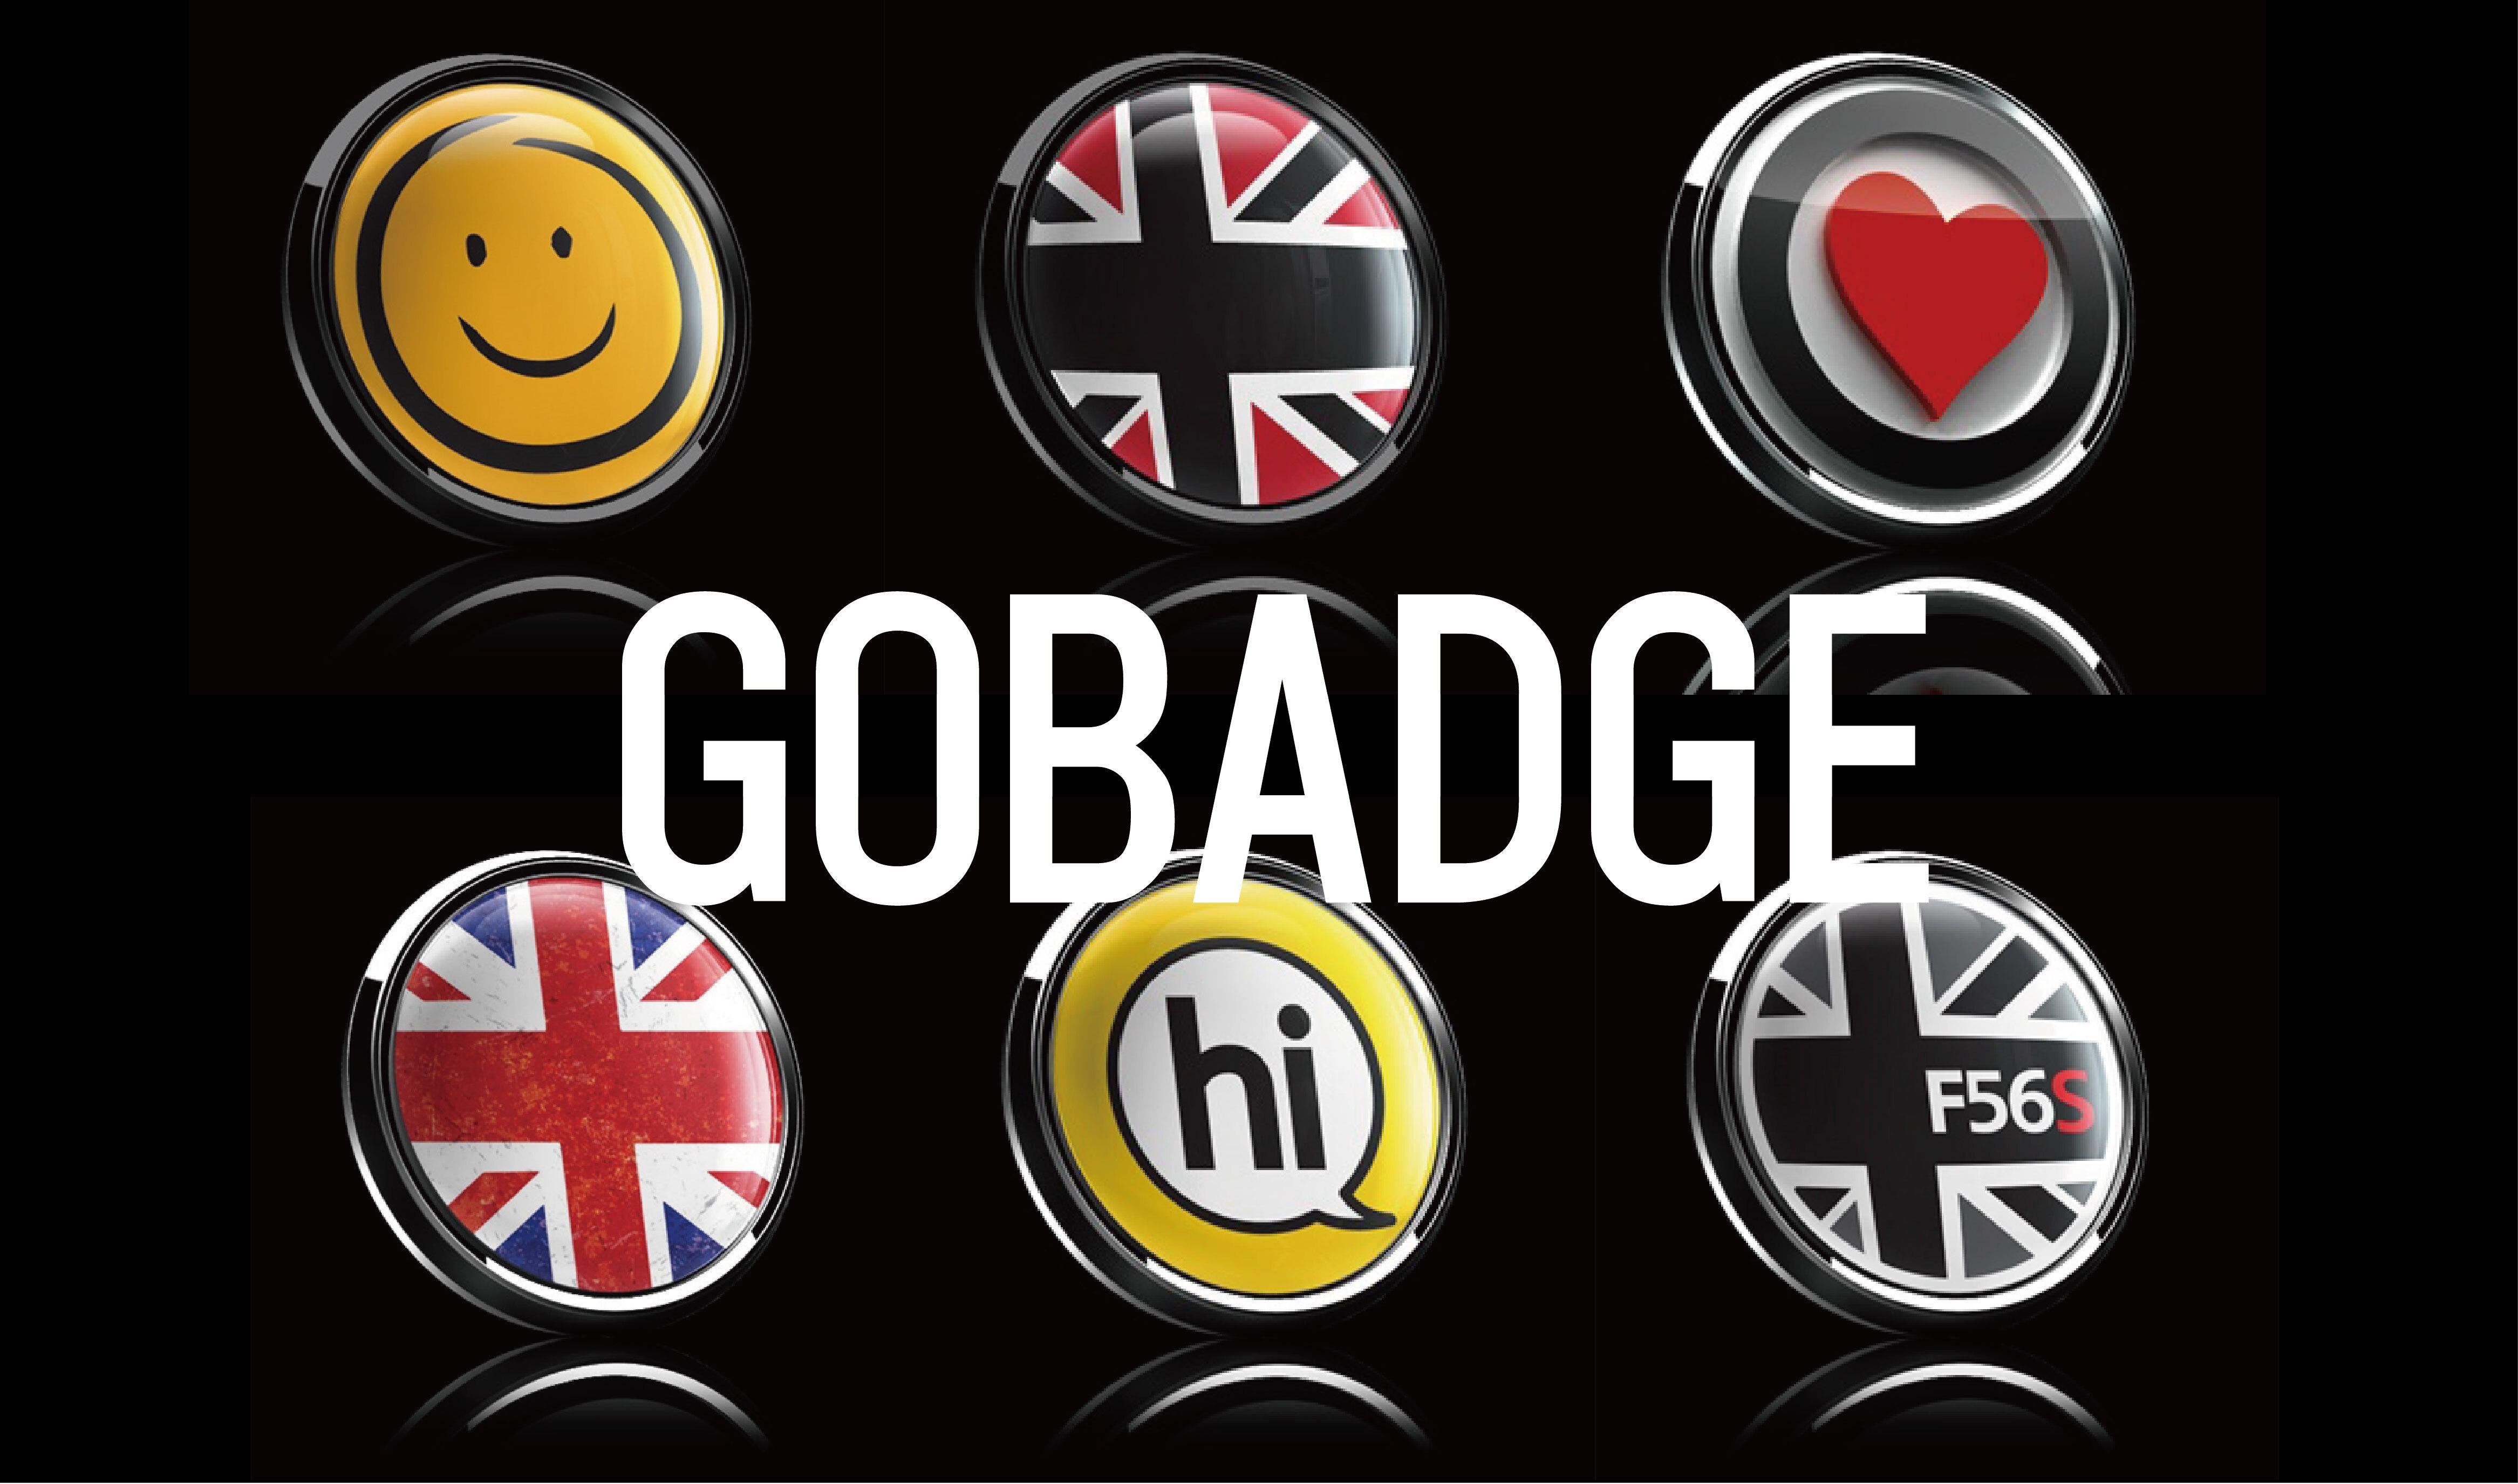 GOBADGE